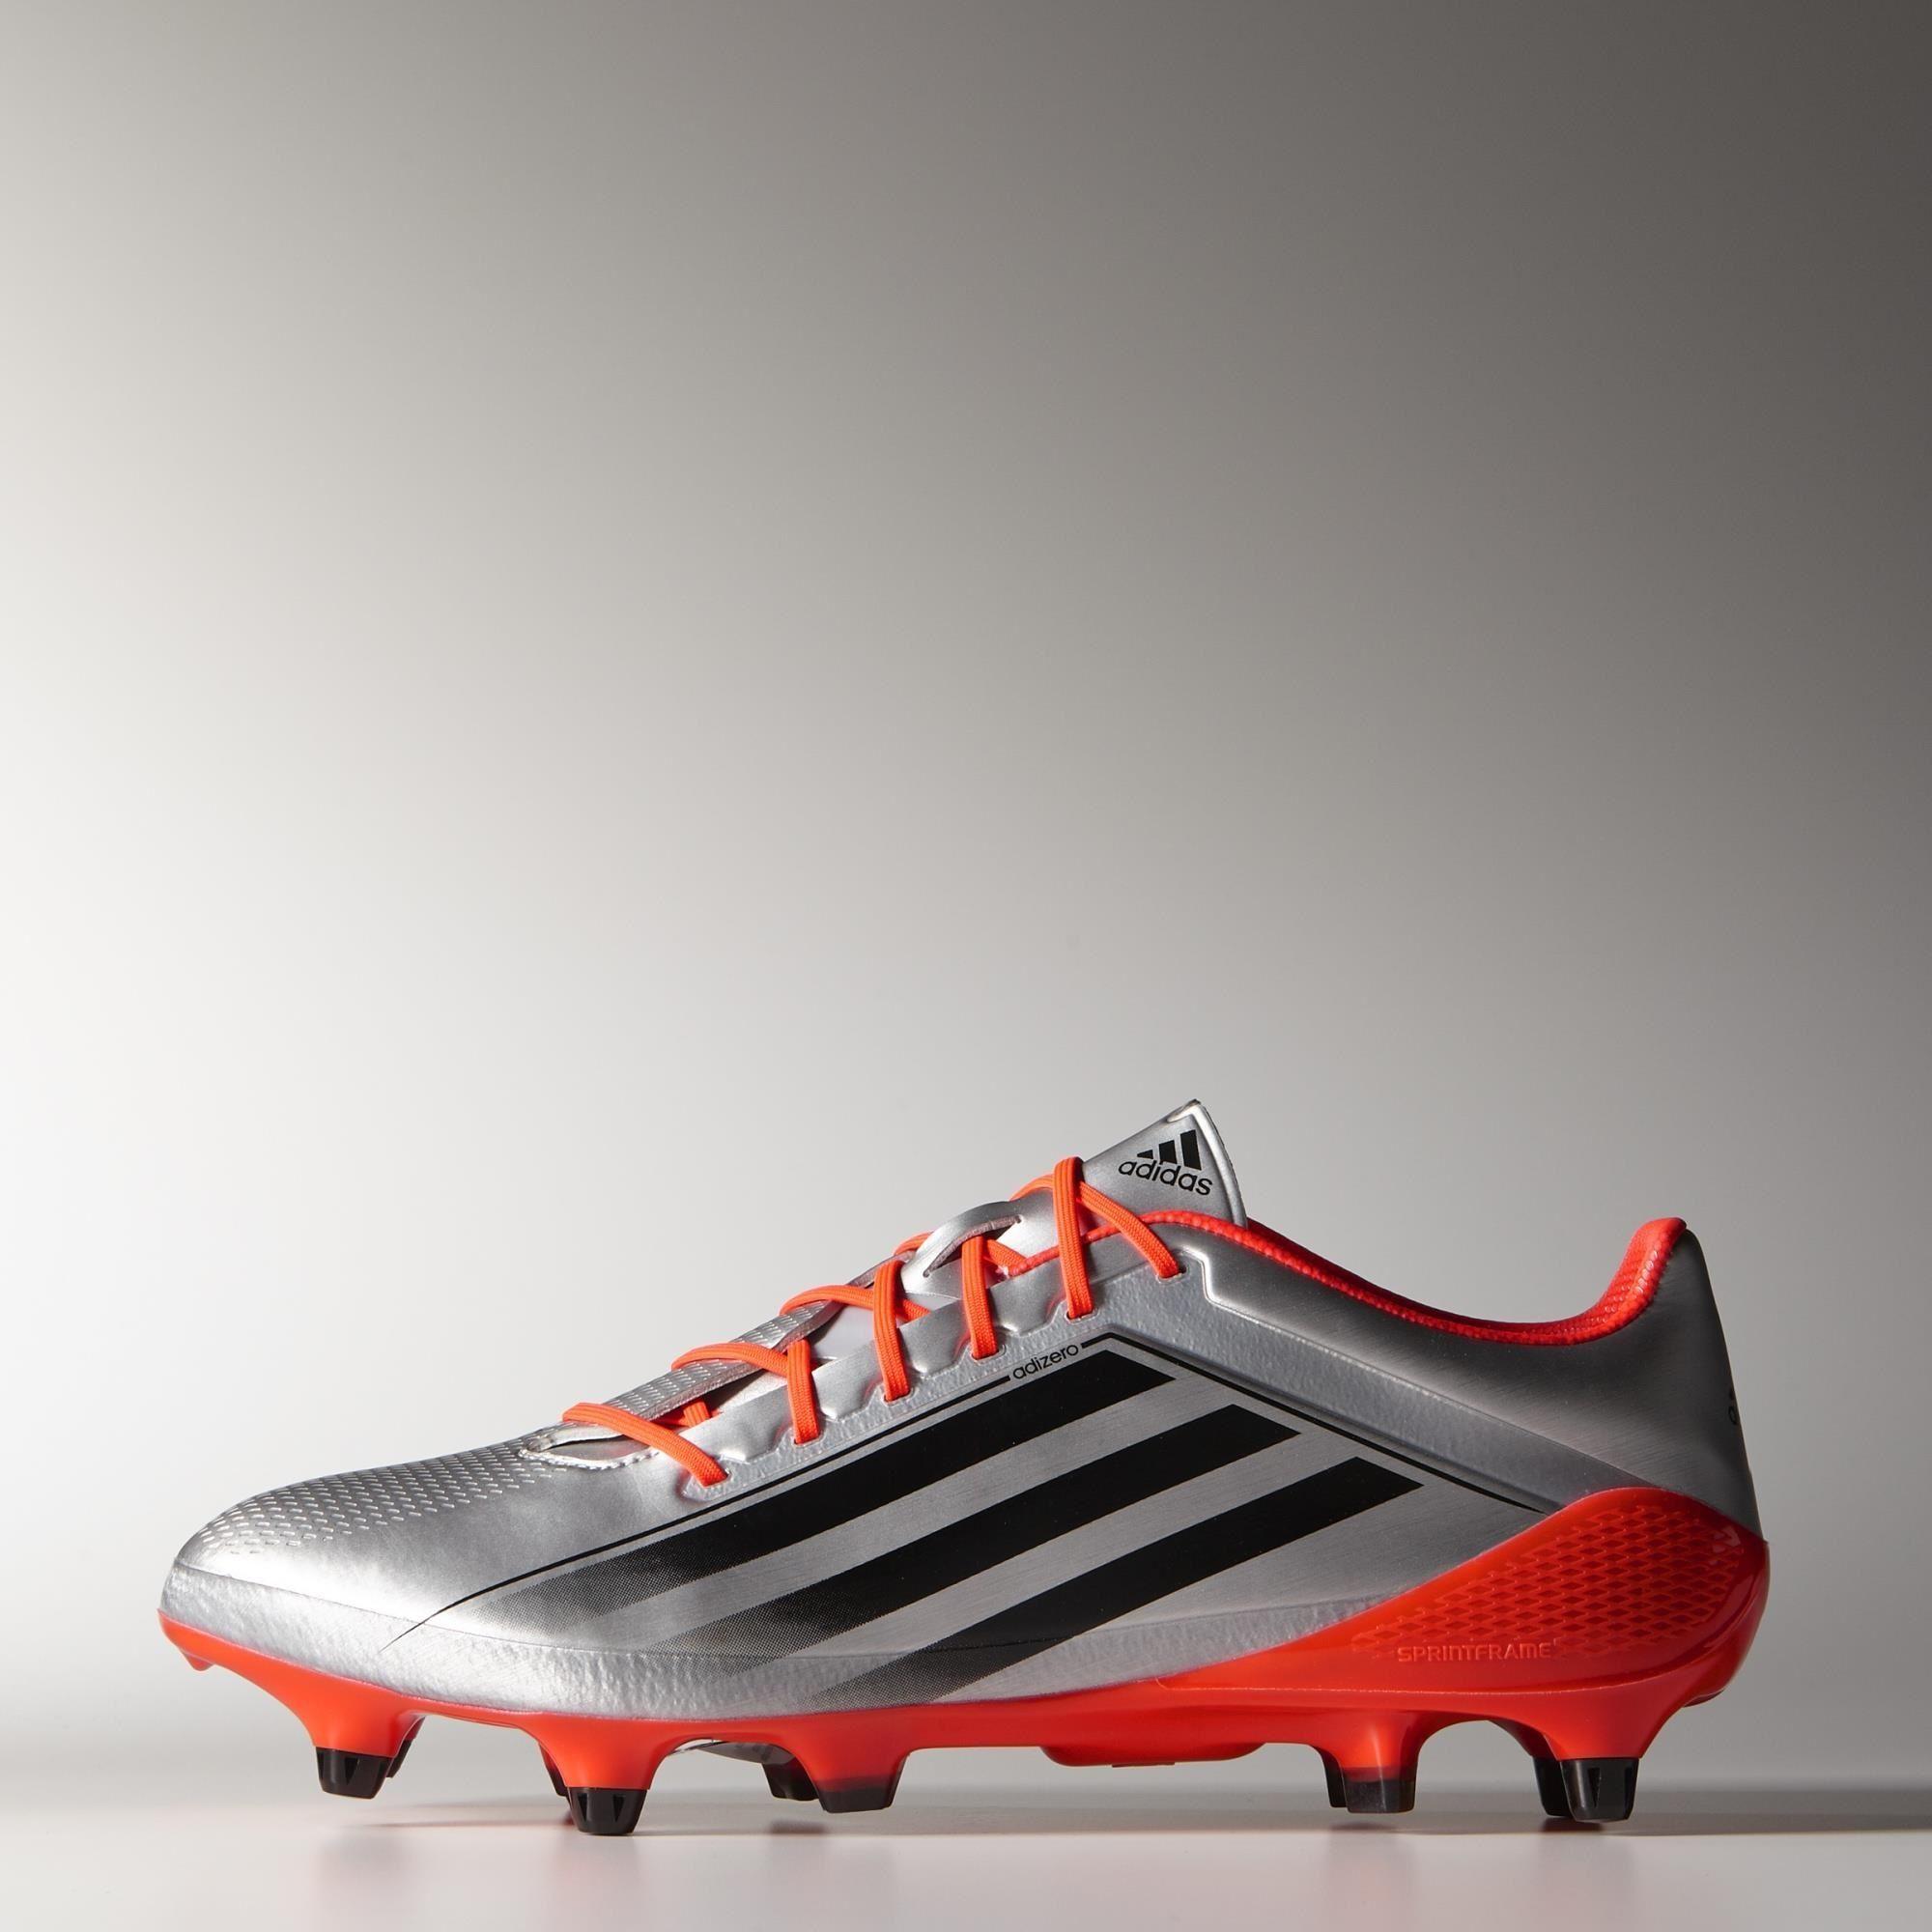 adidas adizero rs x trx sg silver adidas new zealand